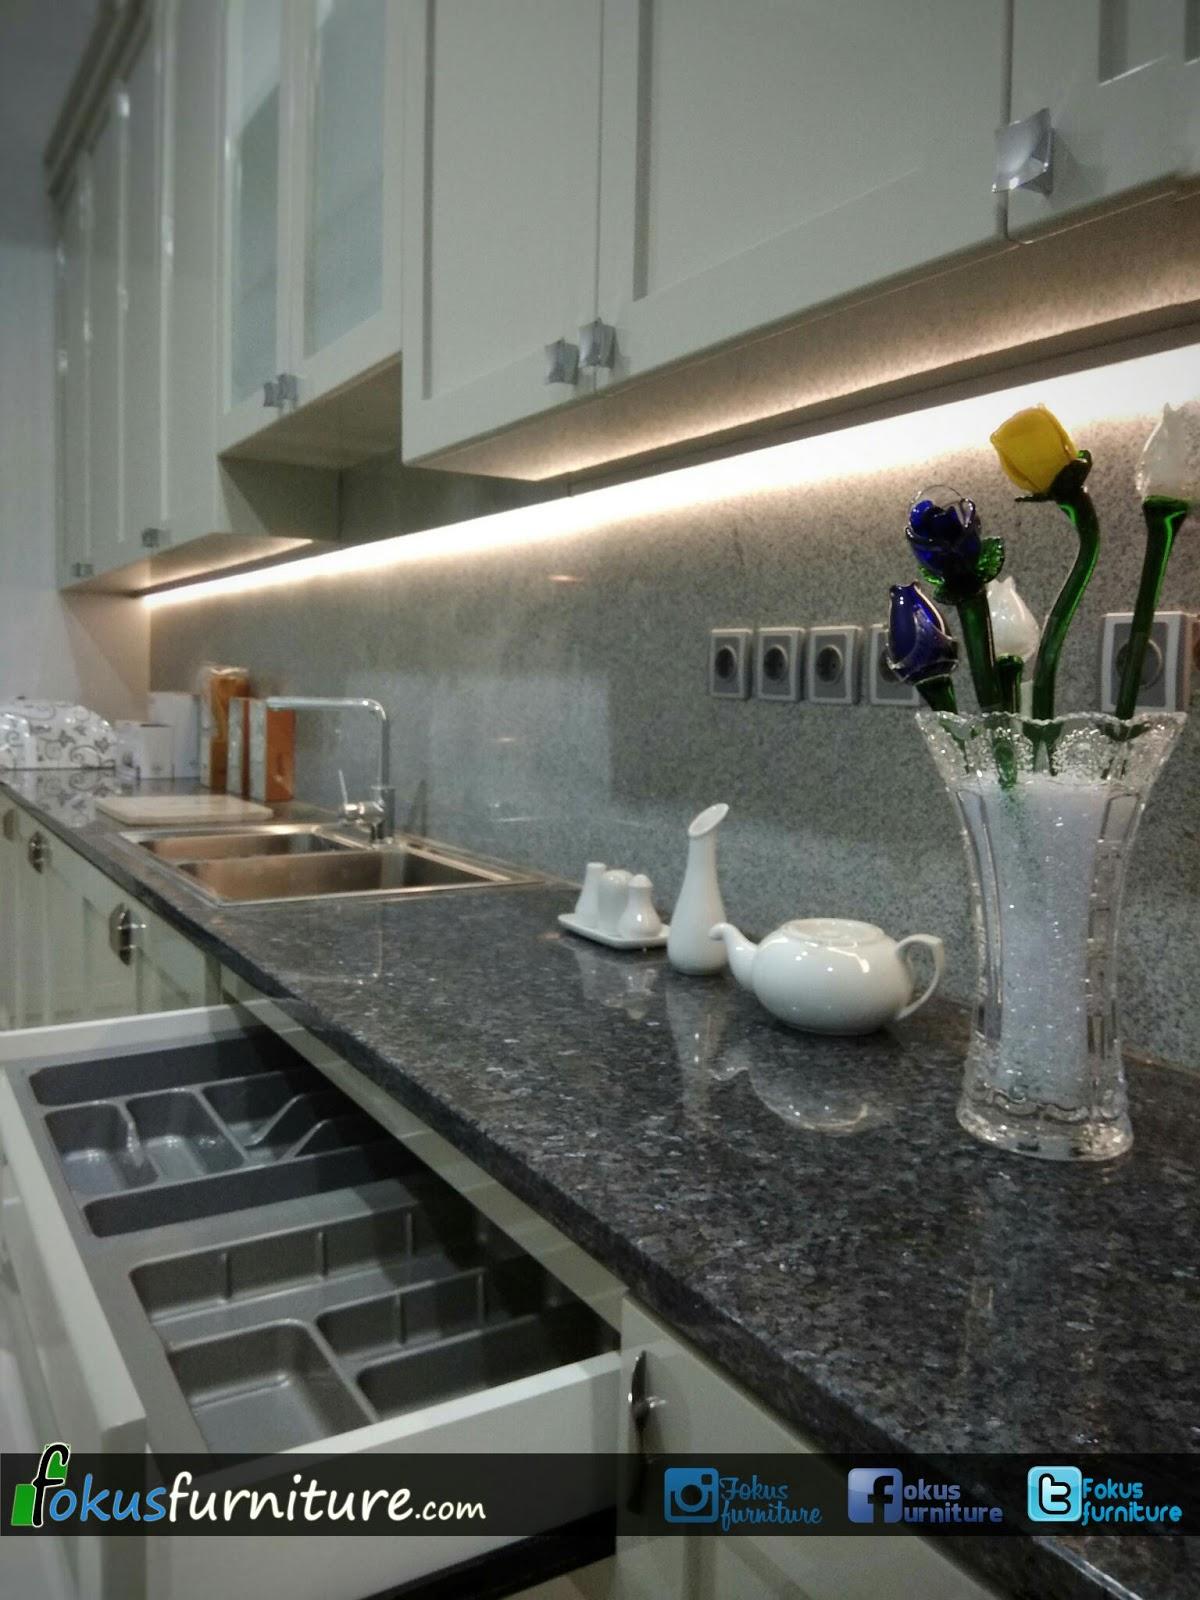 Kitchensetmurah kitchen set orange putihrawa bonicluster flamboyan porisperumahan lotus jakarta